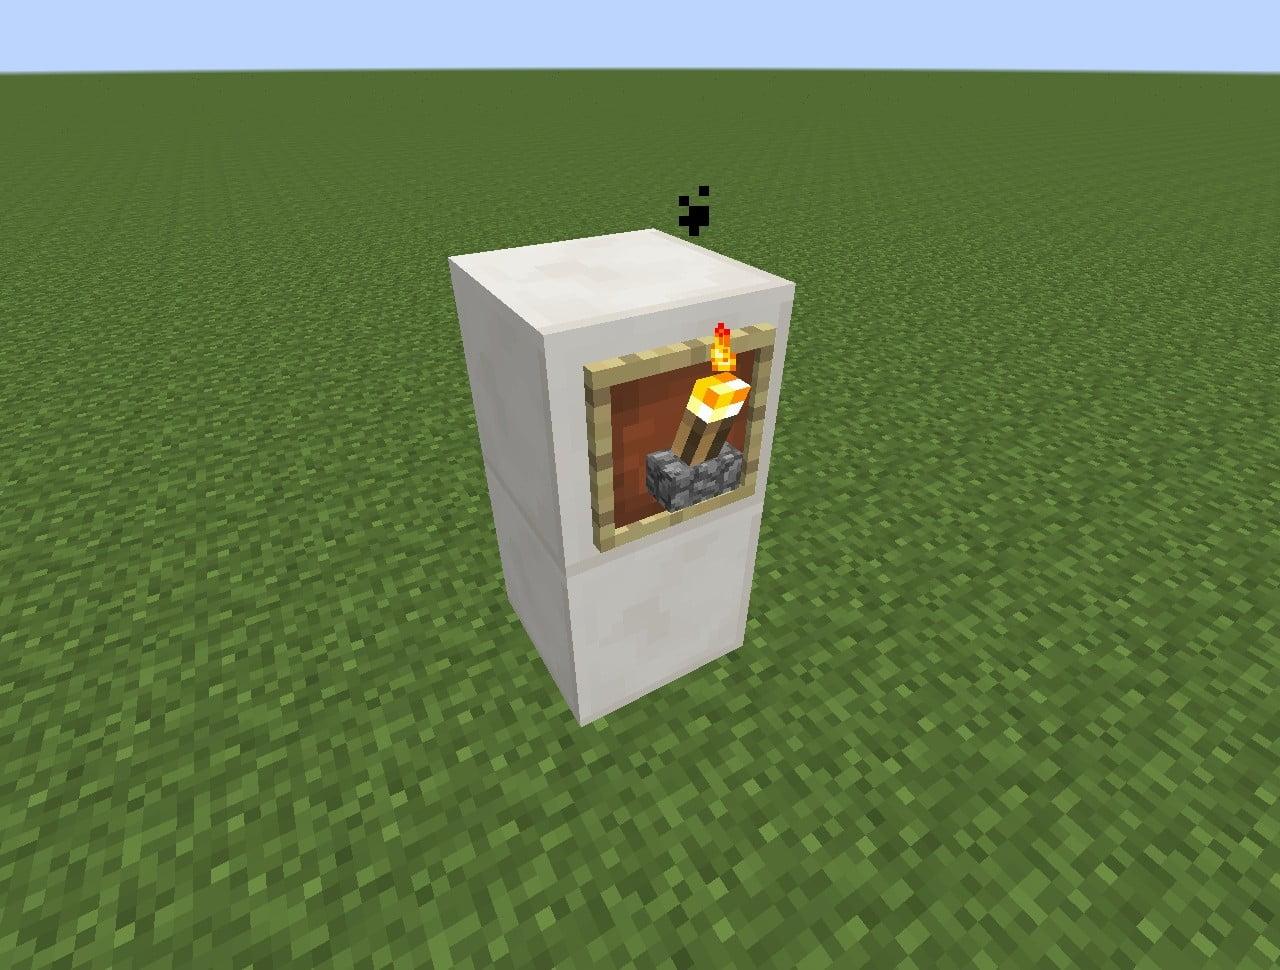 ᐅ Fackel mit Halterung in Minecraft bauen - minecraft-bauideen.de